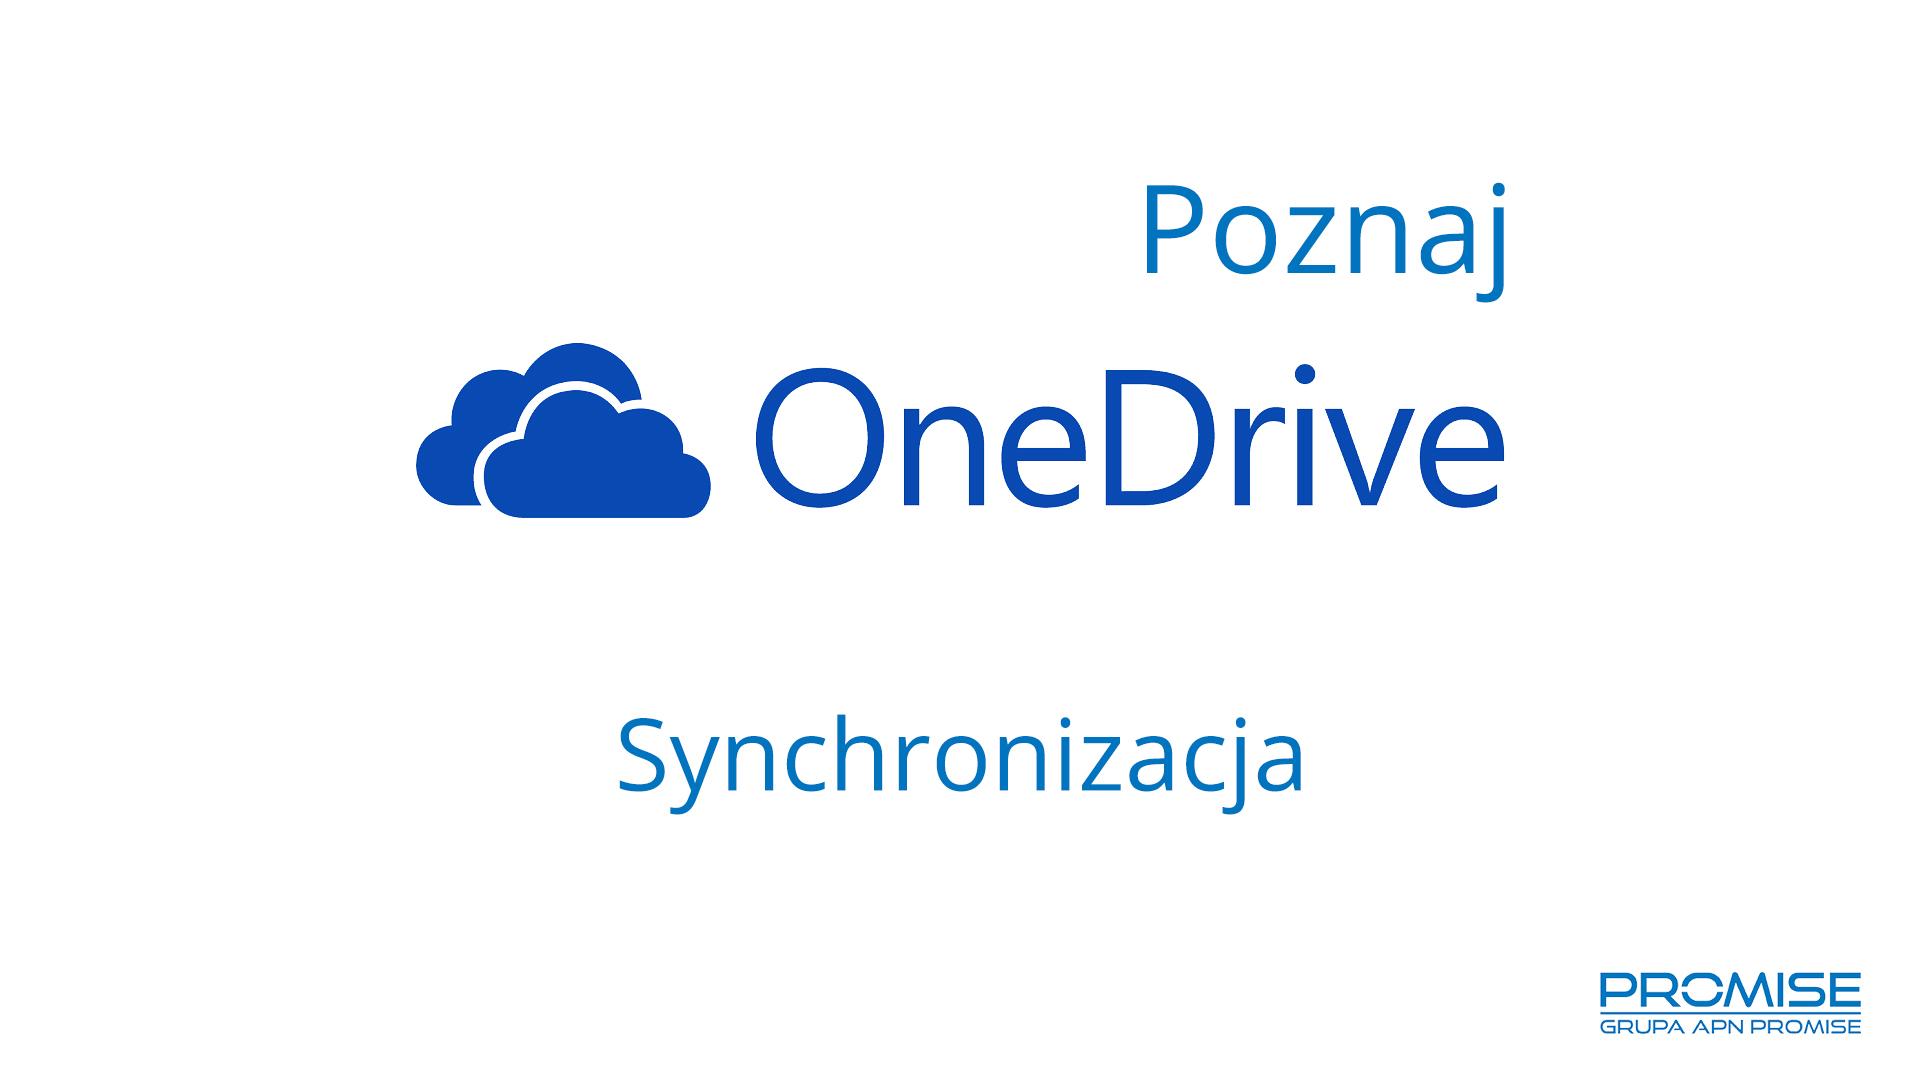 Poznaj OneDrive - Synchronizacja